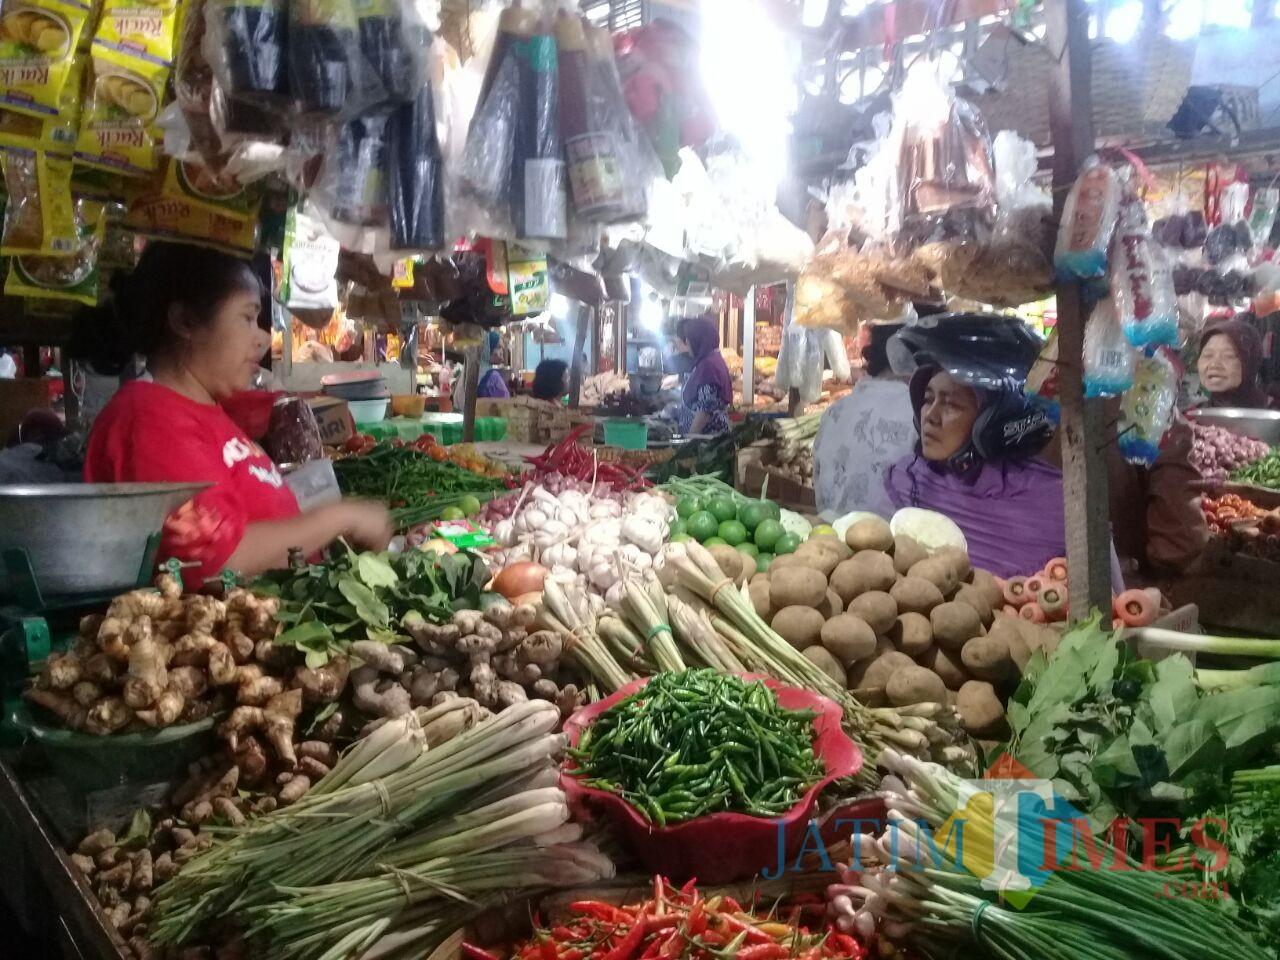 Suasana pedagang sembako di dalam Pasar Tanjung. (foto : istimewa / Jatim TIMES)